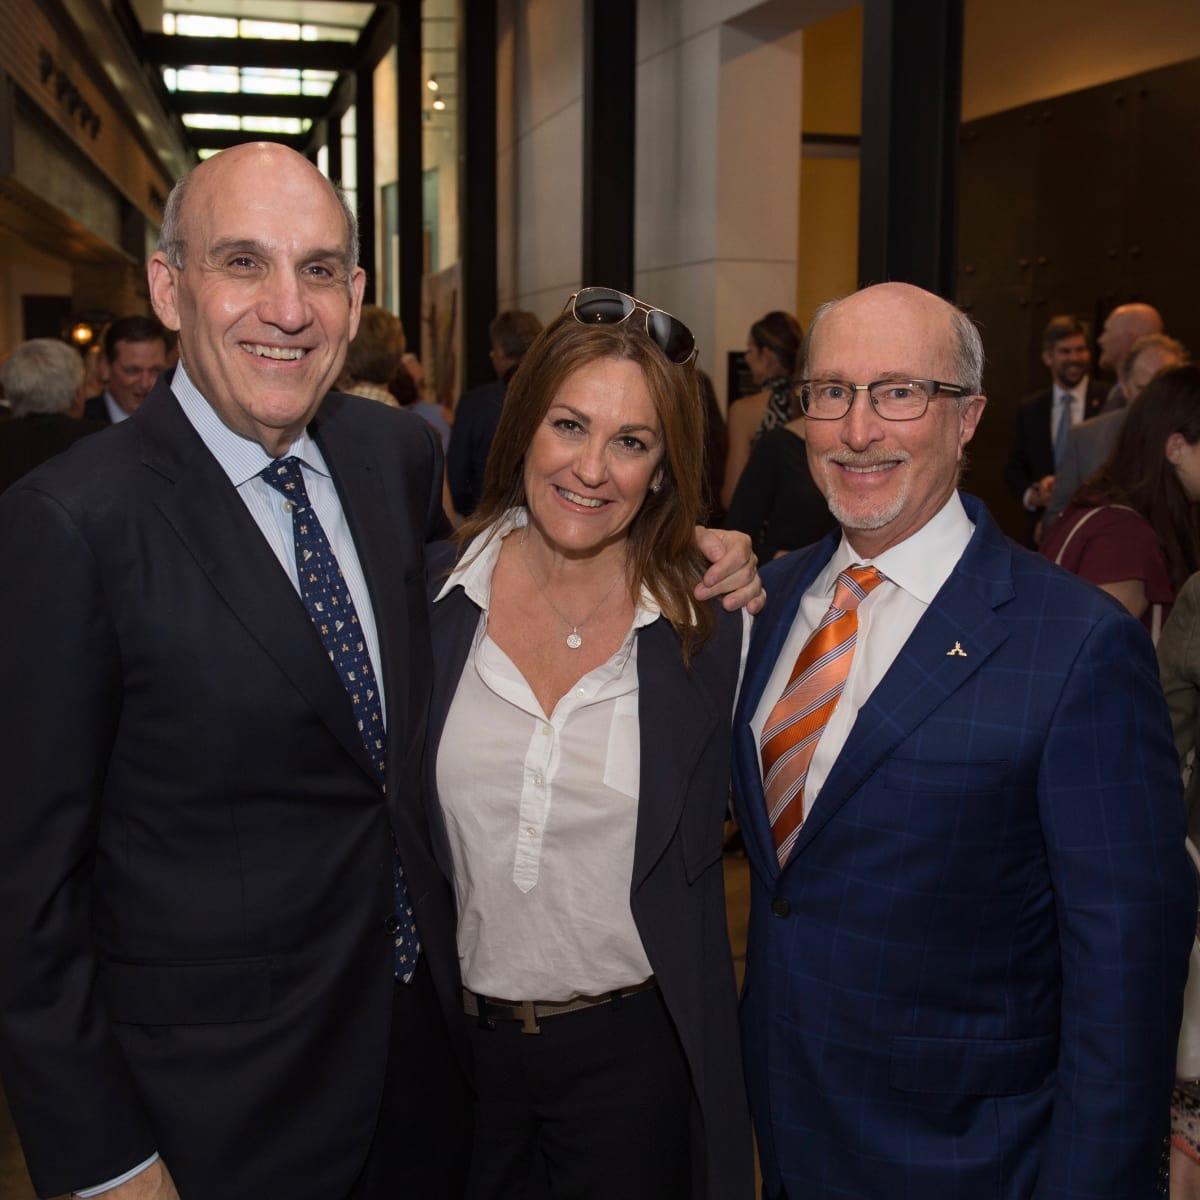 Holocaust Museum Houston Unveiling Event: Benjamin Warren, Tali Blumrosgn, Mark Mucasey